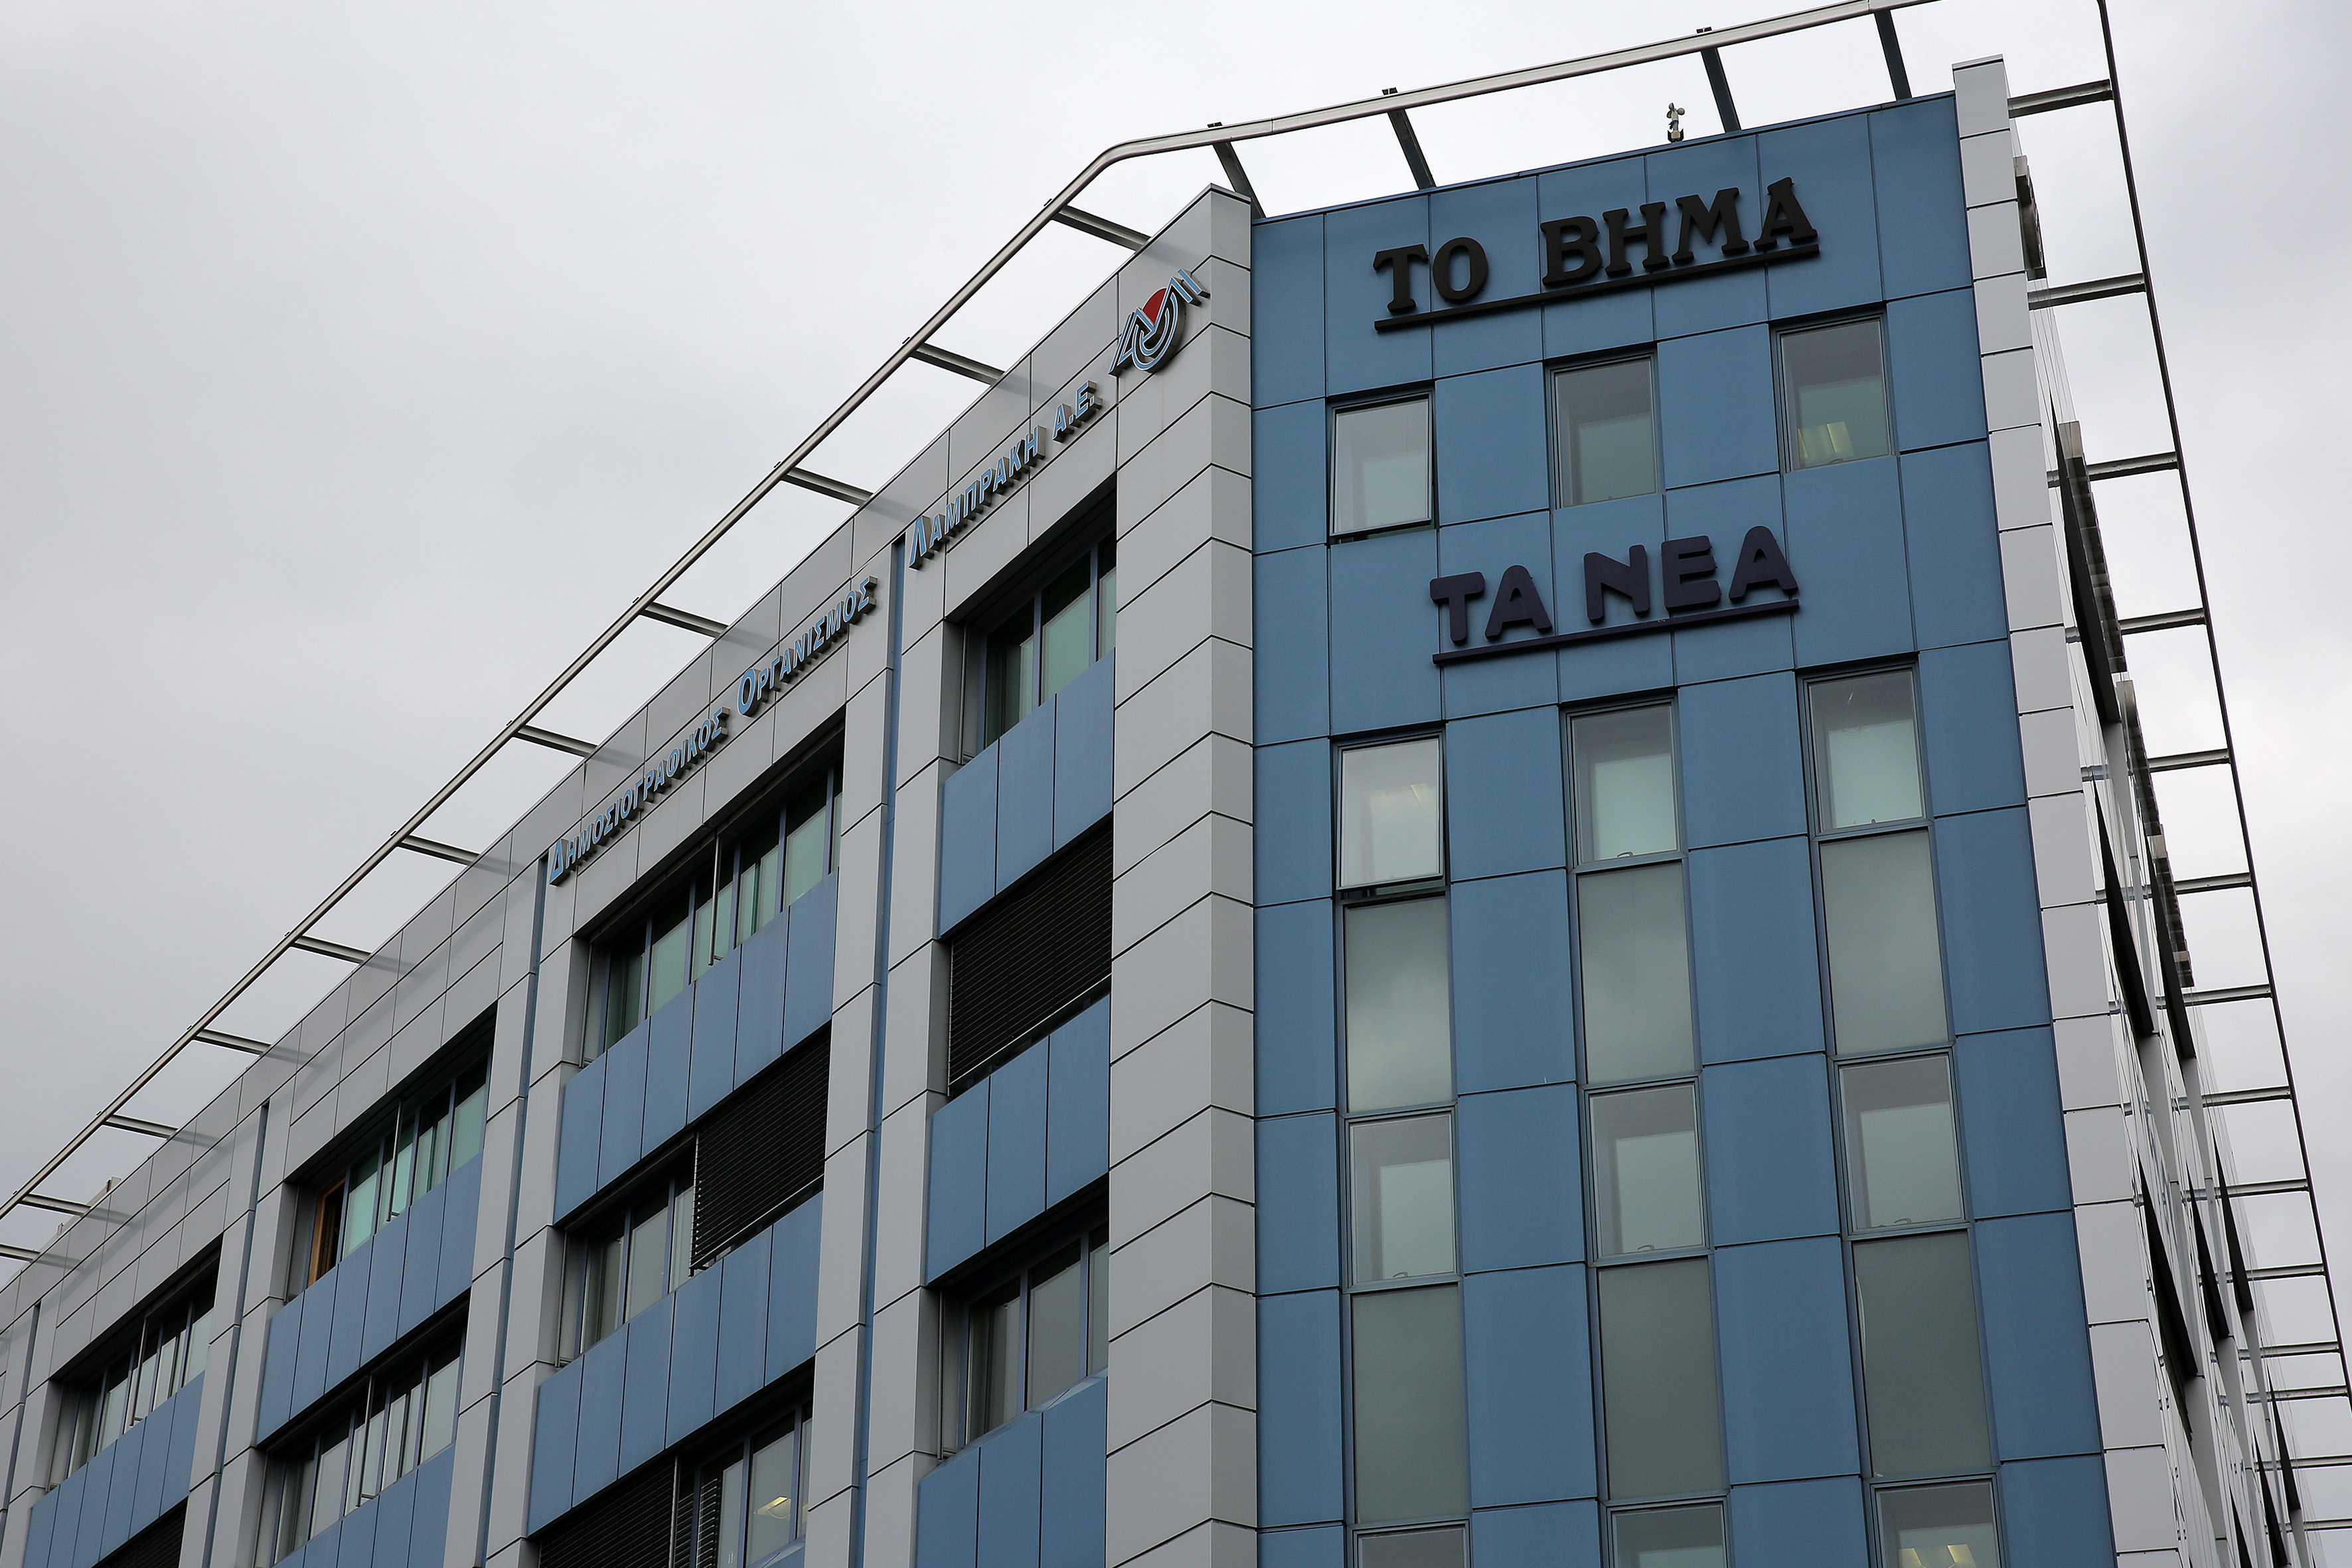 Ύποπτα παιγνίδια σε βάρος του ΔΟΛ και της ενημέρωσης | tovima.gr